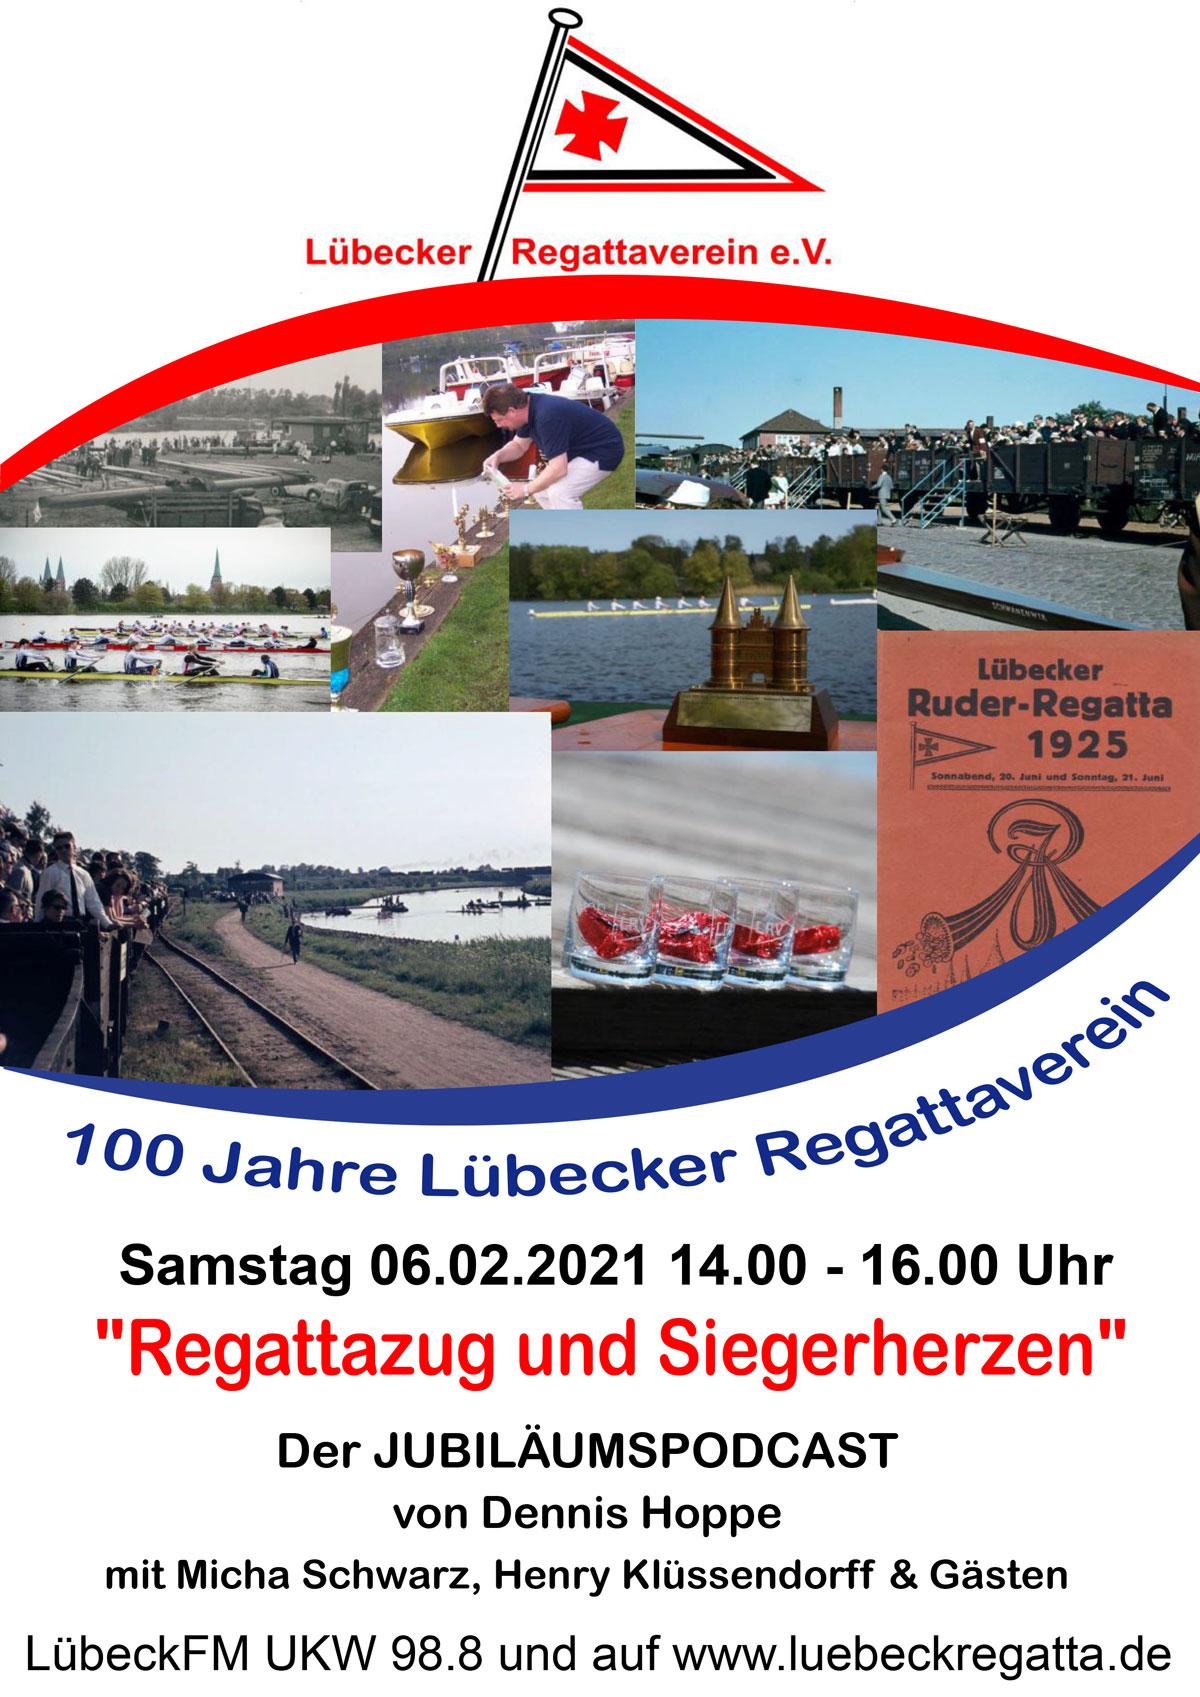 """""""Regattazug und Siegerherzen"""" – 100 Jahre Lübecker Regattaverein"""